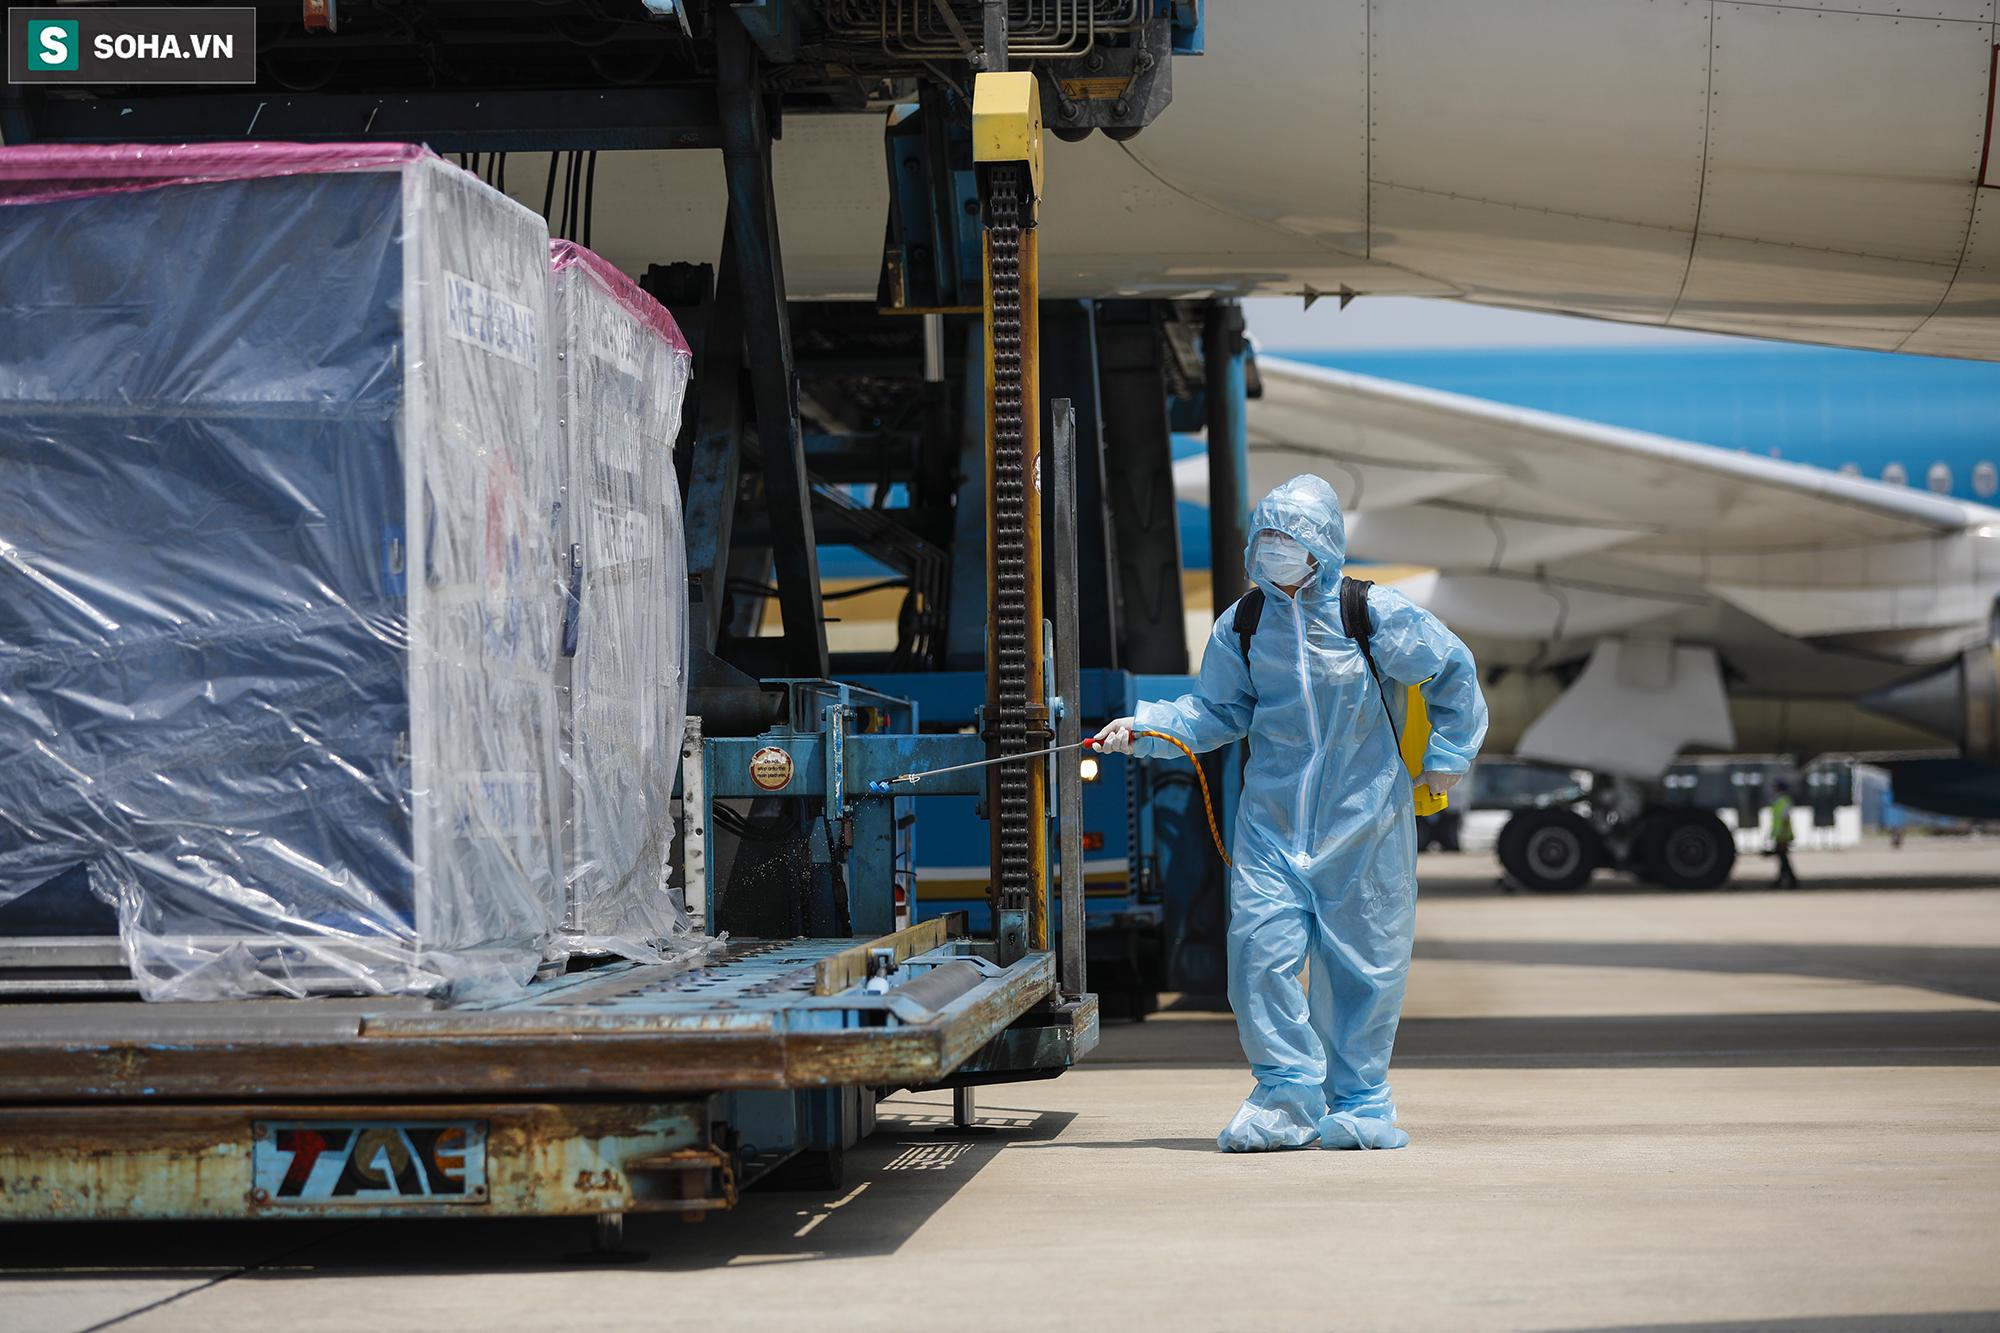 [ẢNH] Cận cảnh đưa 117.000 liều vắc xin Covid-19 đầu tiên được ra khỏi máy bay tại Tân Sơn Nhất - Ảnh 6.